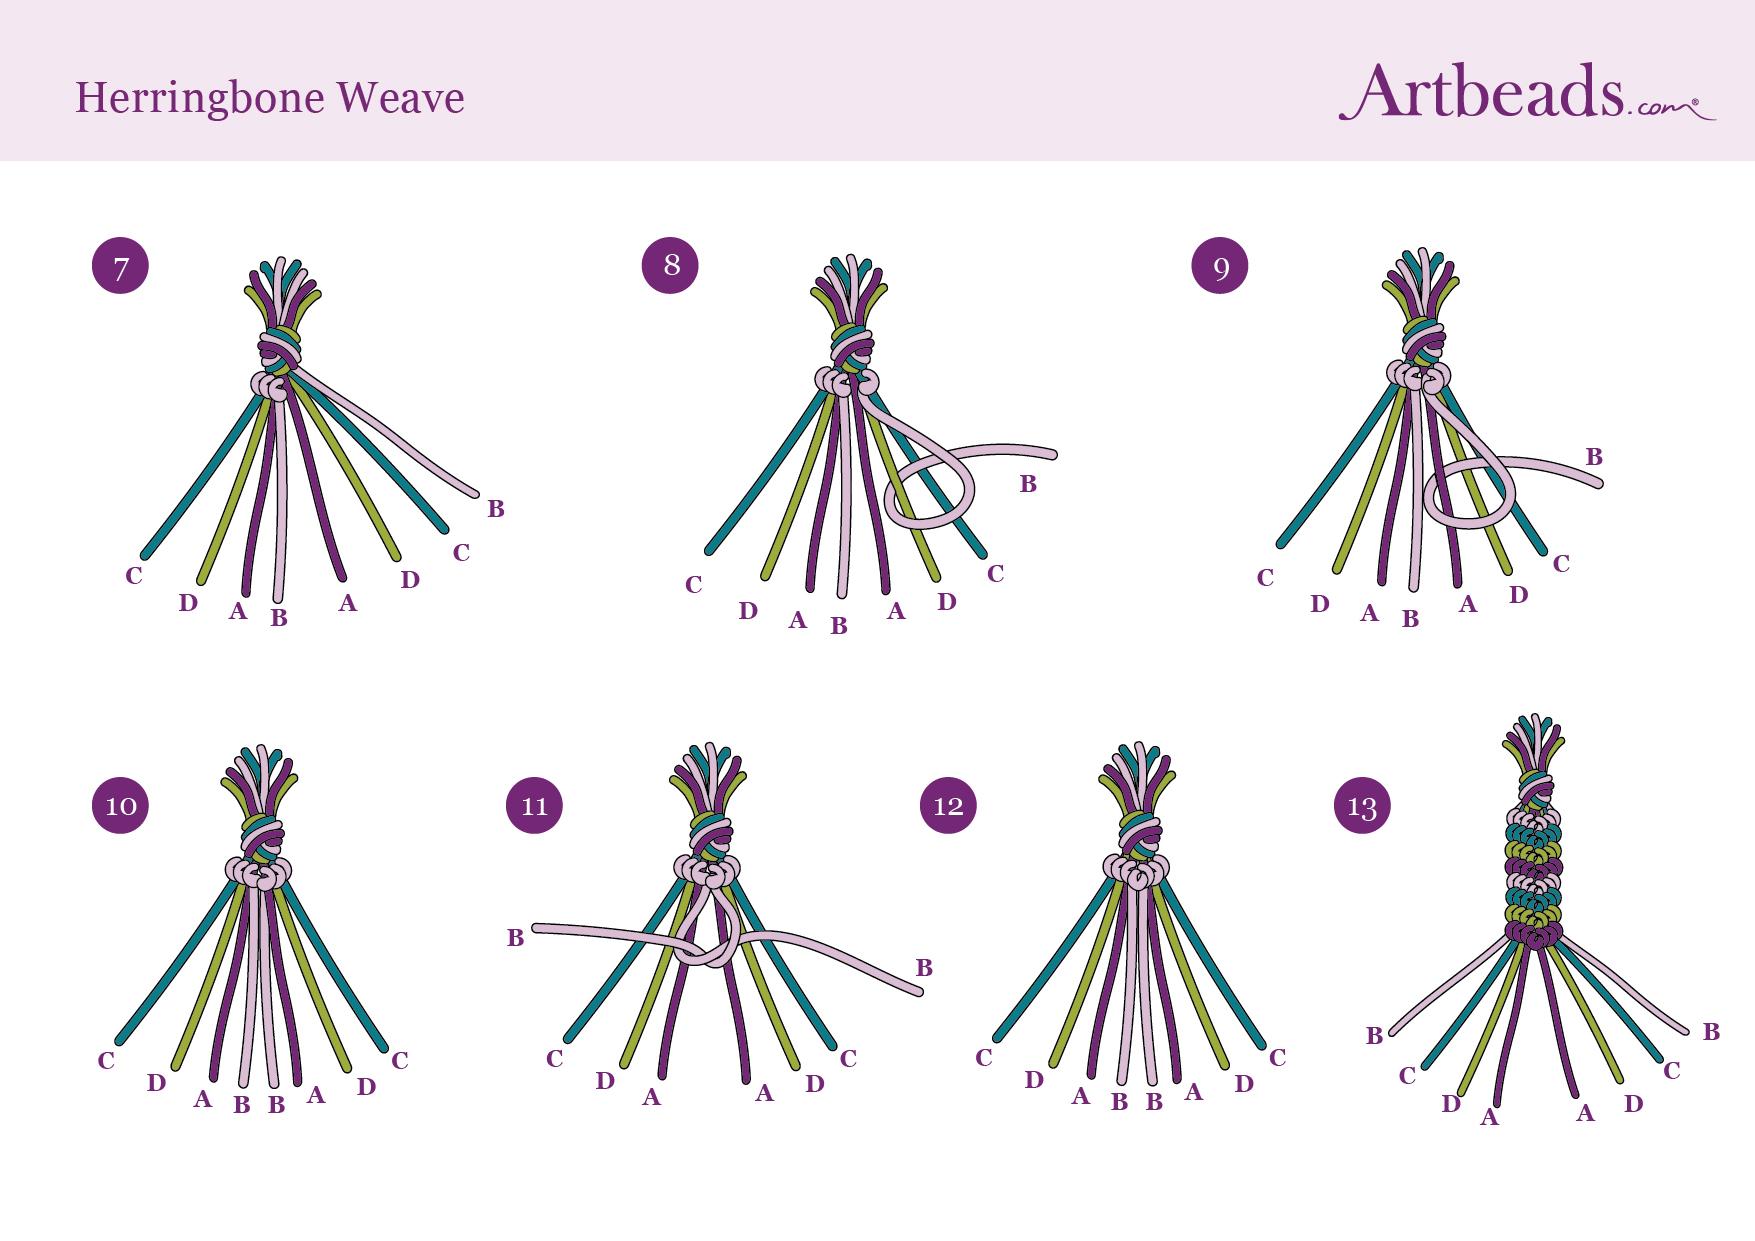 Herringbone Weave Diagram Full 2